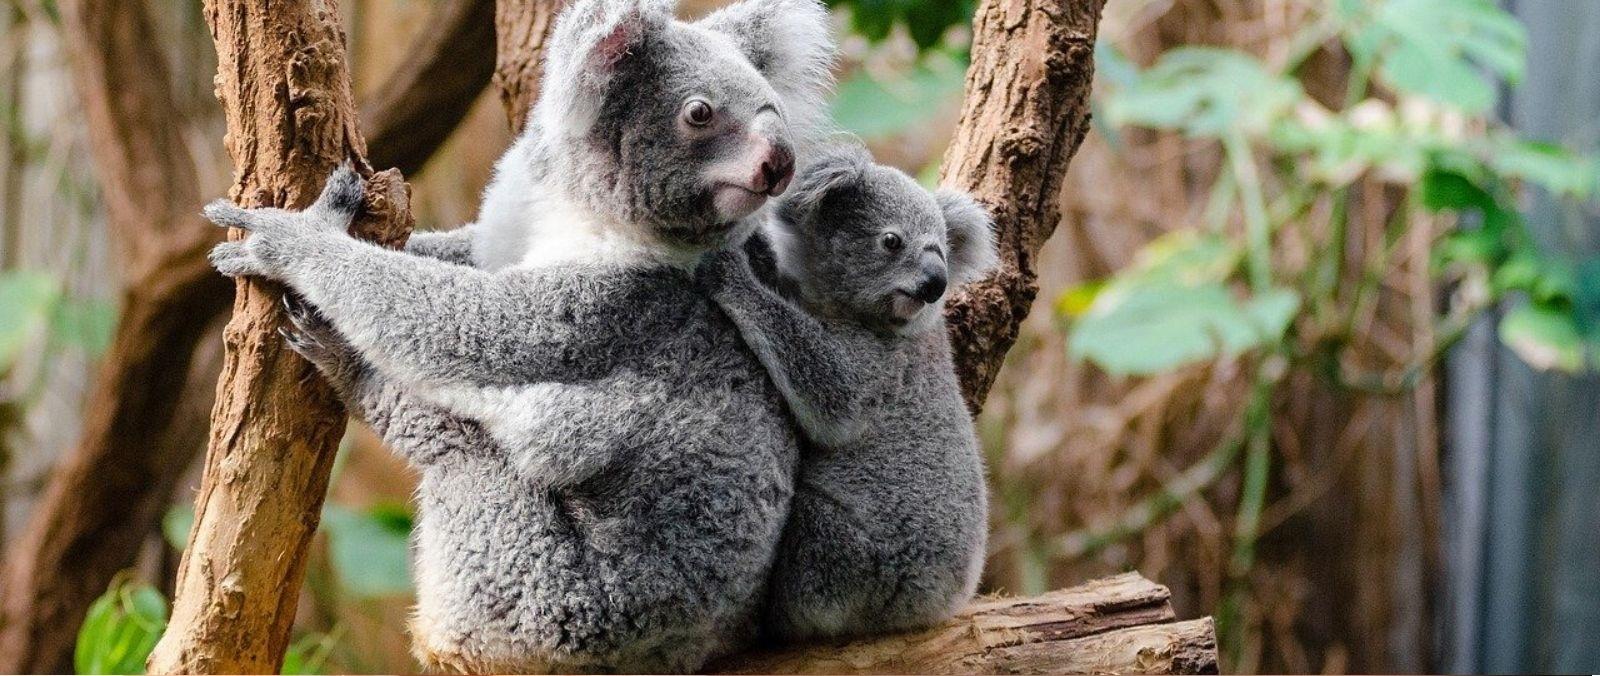 ¿Qué sabemos sobre el estado de los koalas en Australia?